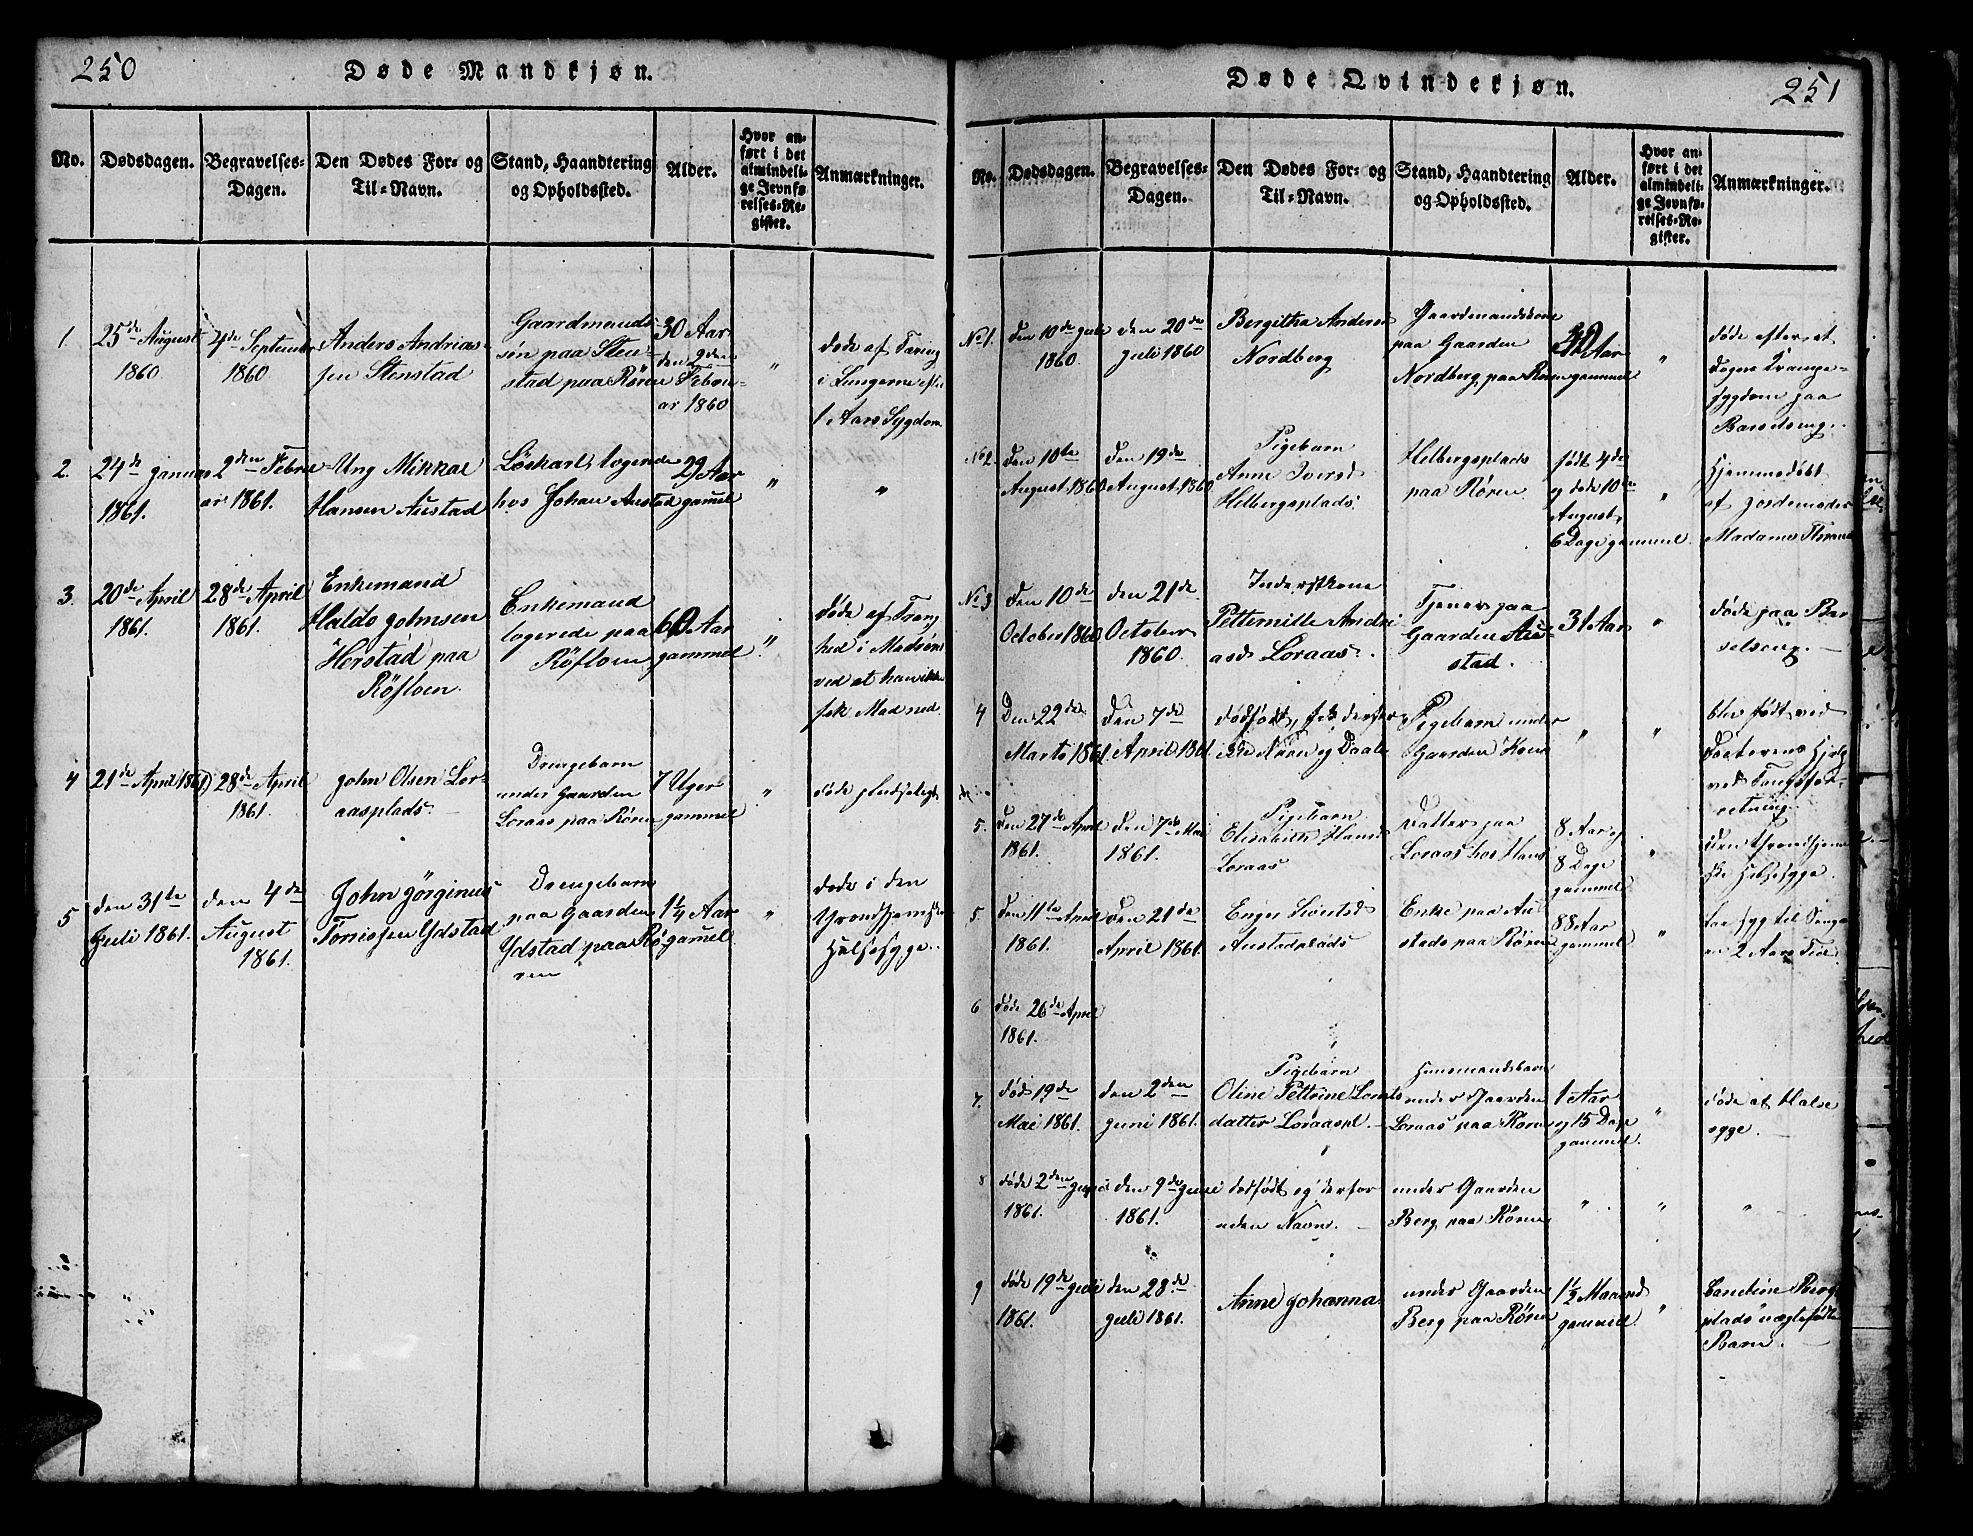 SAT, Ministerialprotokoller, klokkerbøker og fødselsregistre - Nord-Trøndelag, 731/L0310: Klokkerbok nr. 731C01, 1816-1874, s. 250-251